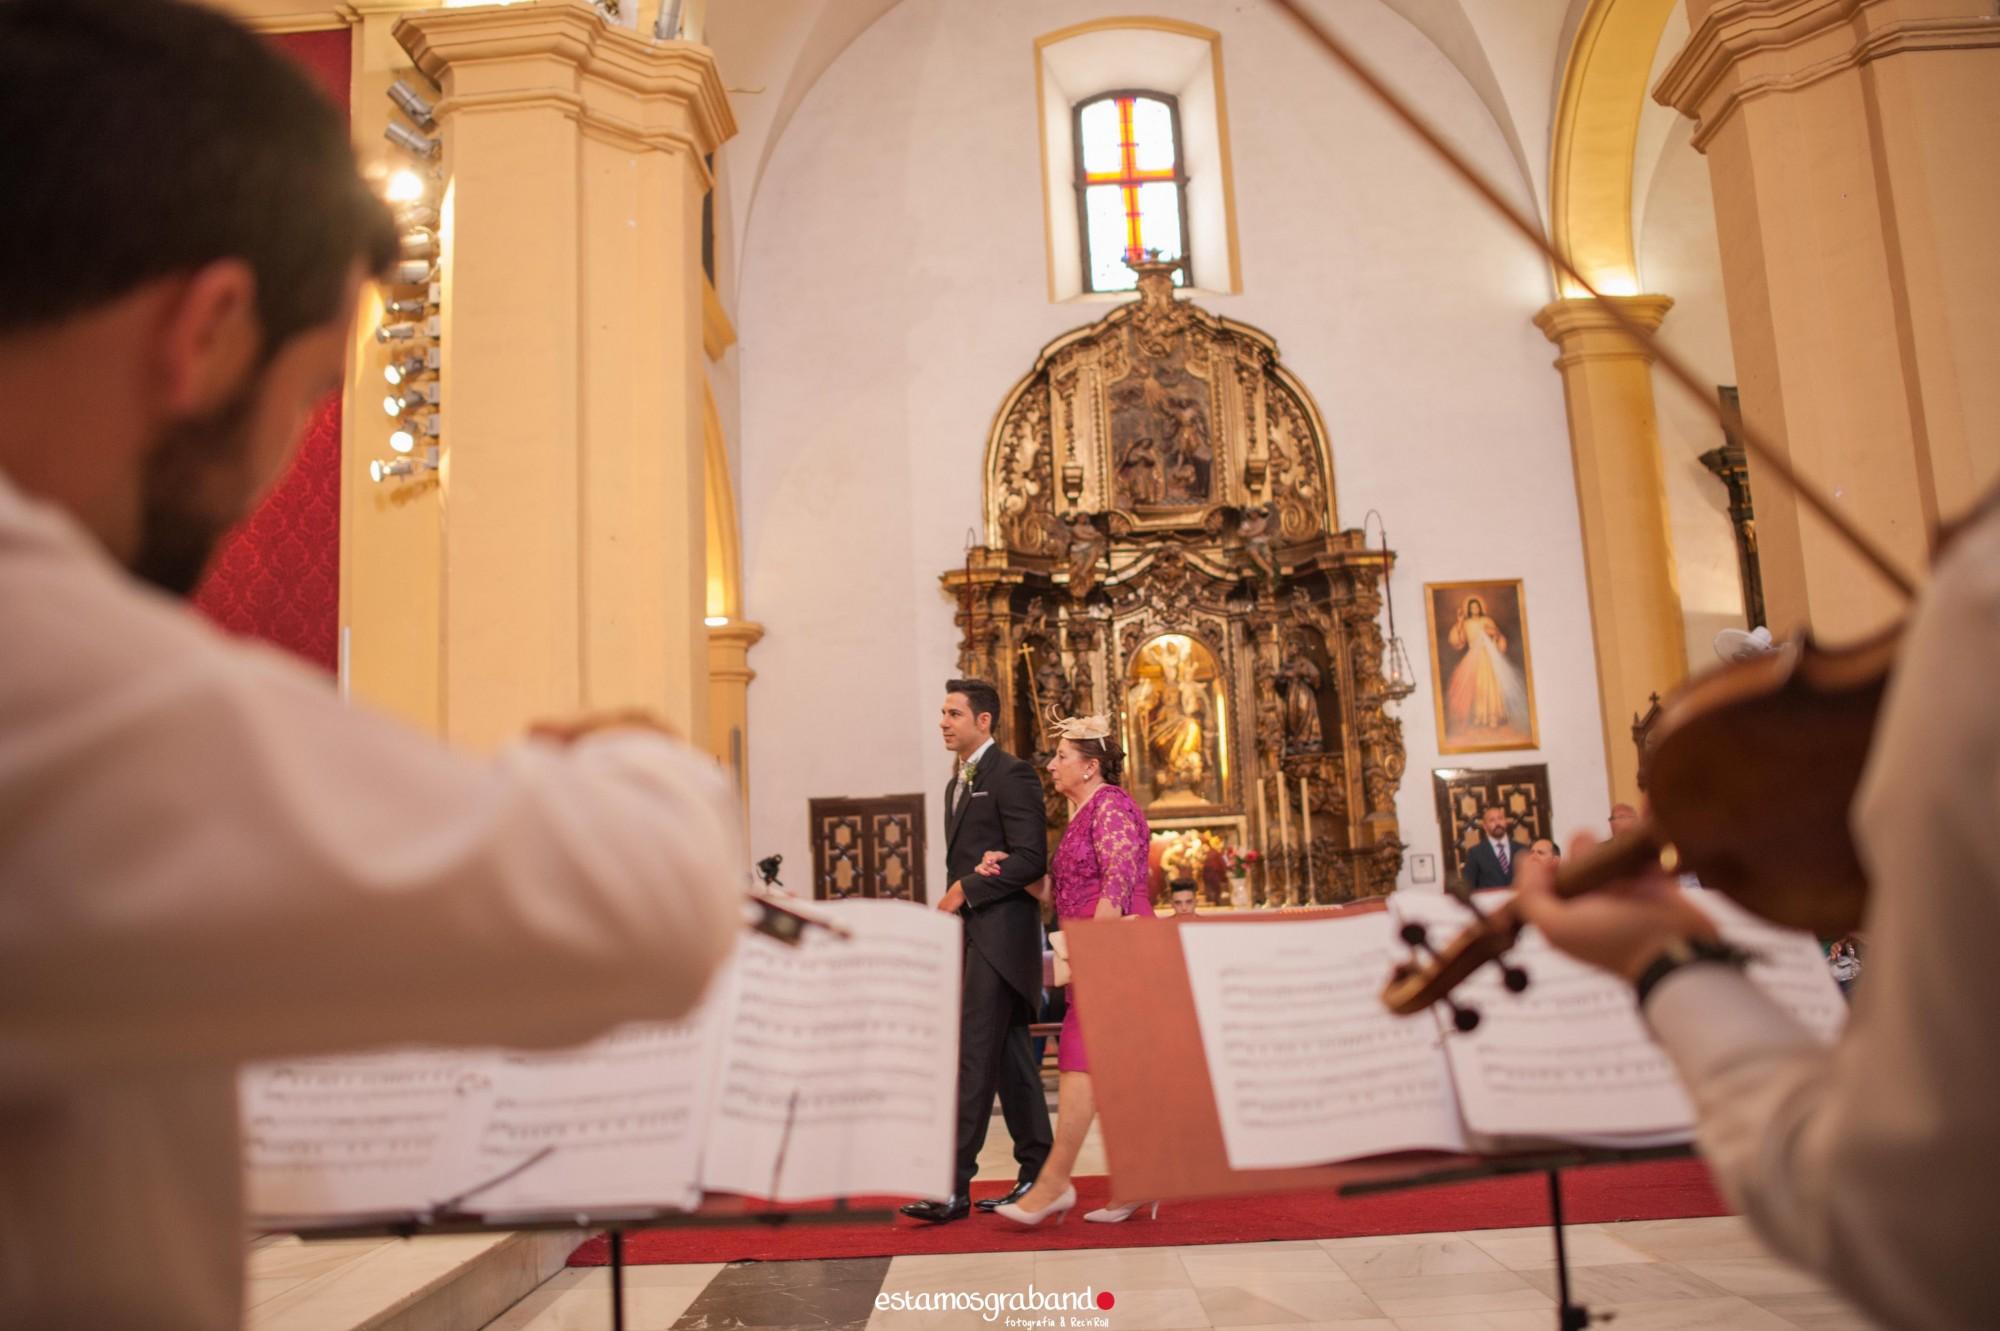 Sonia-y-Dani-156-de-517 Sonia & Dani - video boda cadiz